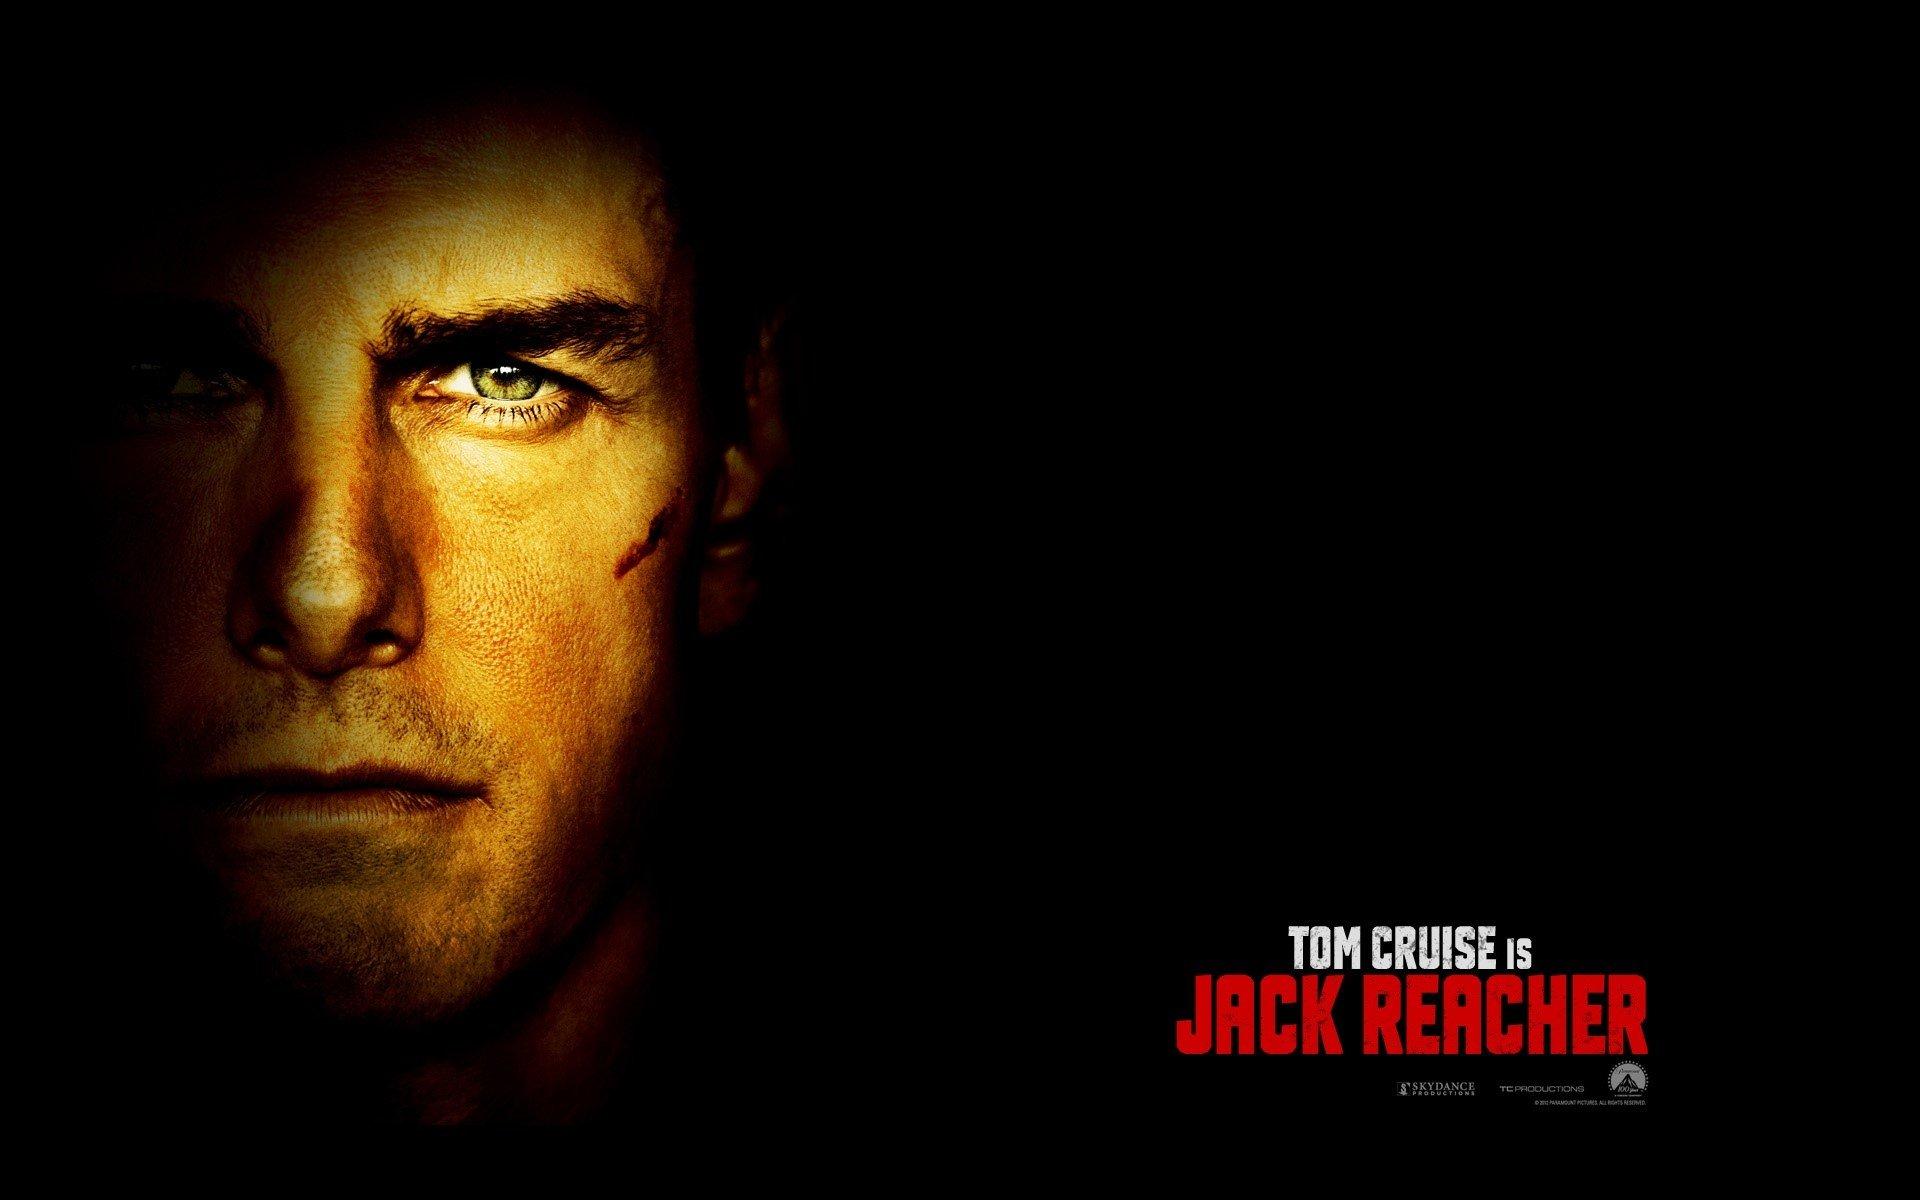 Wallpaper Jack Reacher